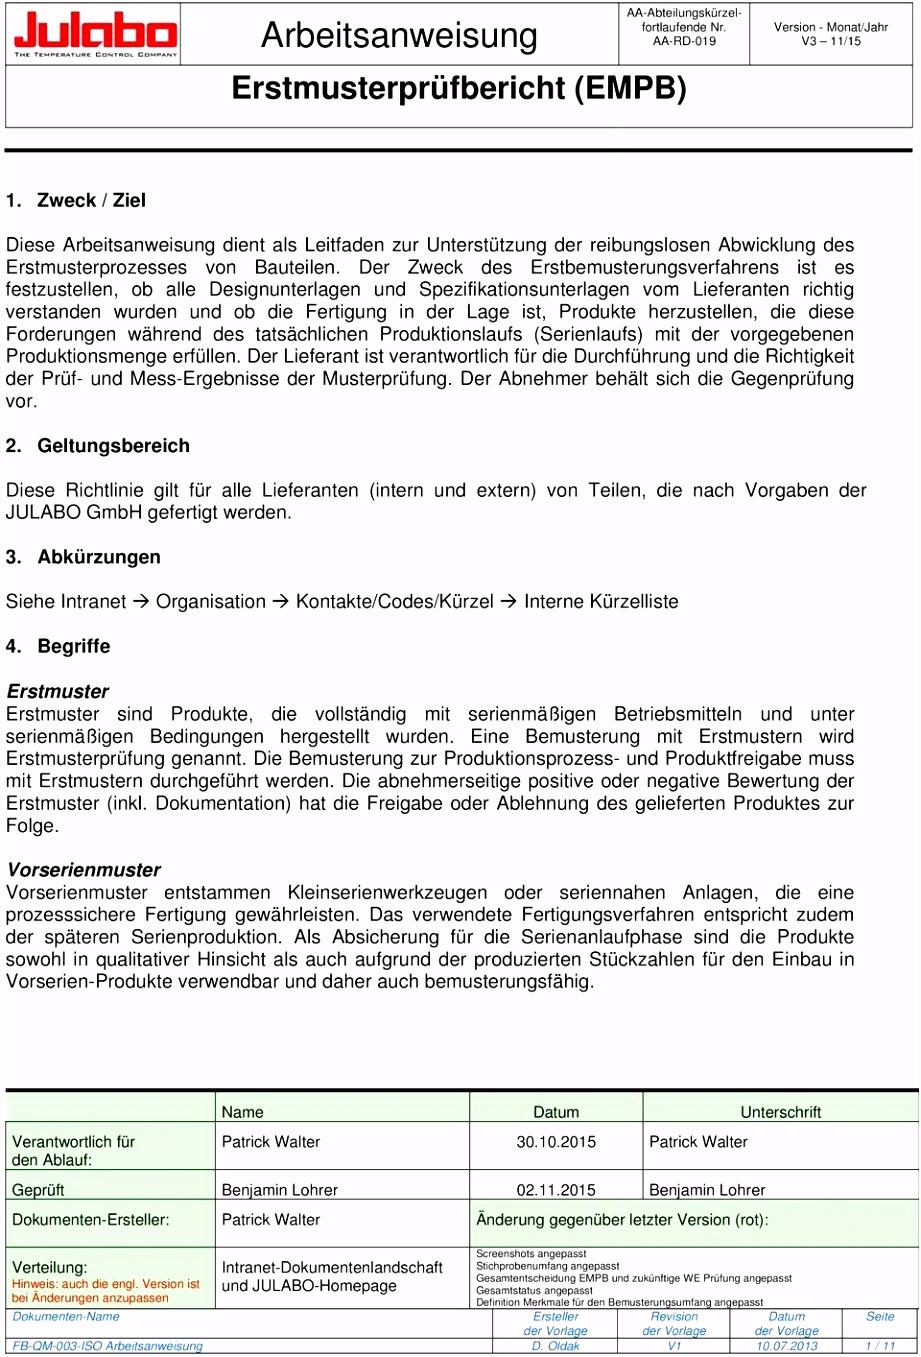 Arbeitsanweisung Erstmusterprüfbericht EMPB PDF